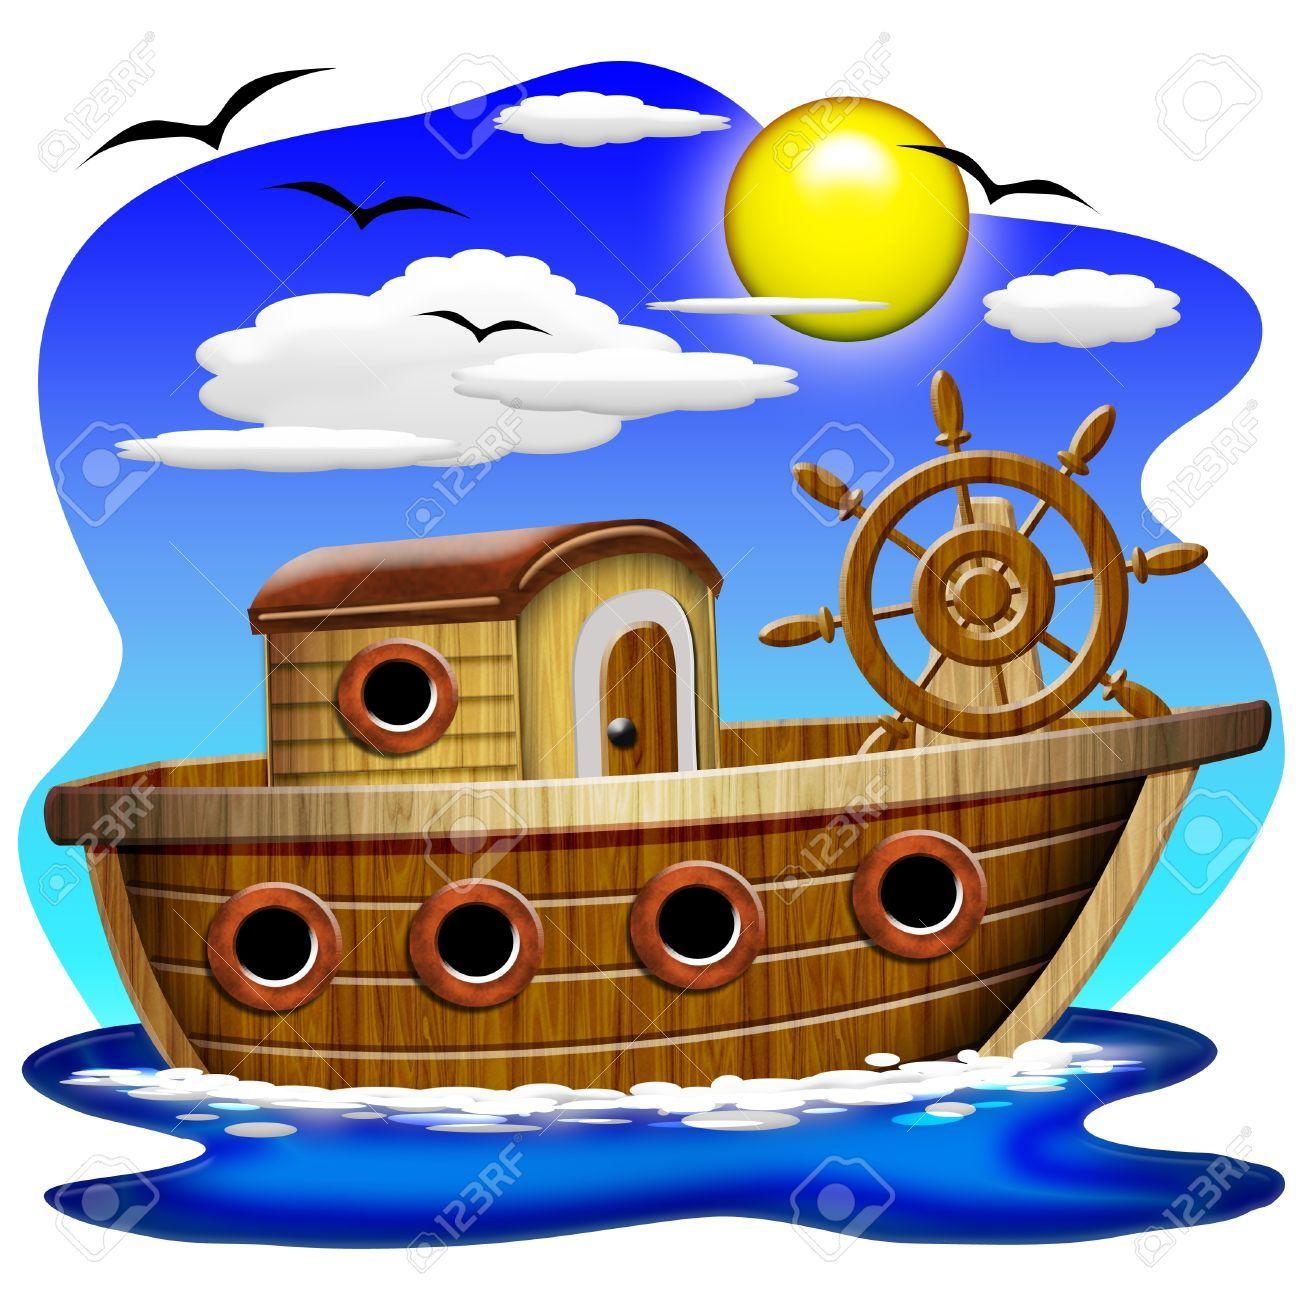 Resultado de imagen para imagenes de barcos animados - Imagenes de barcos infantiles ...